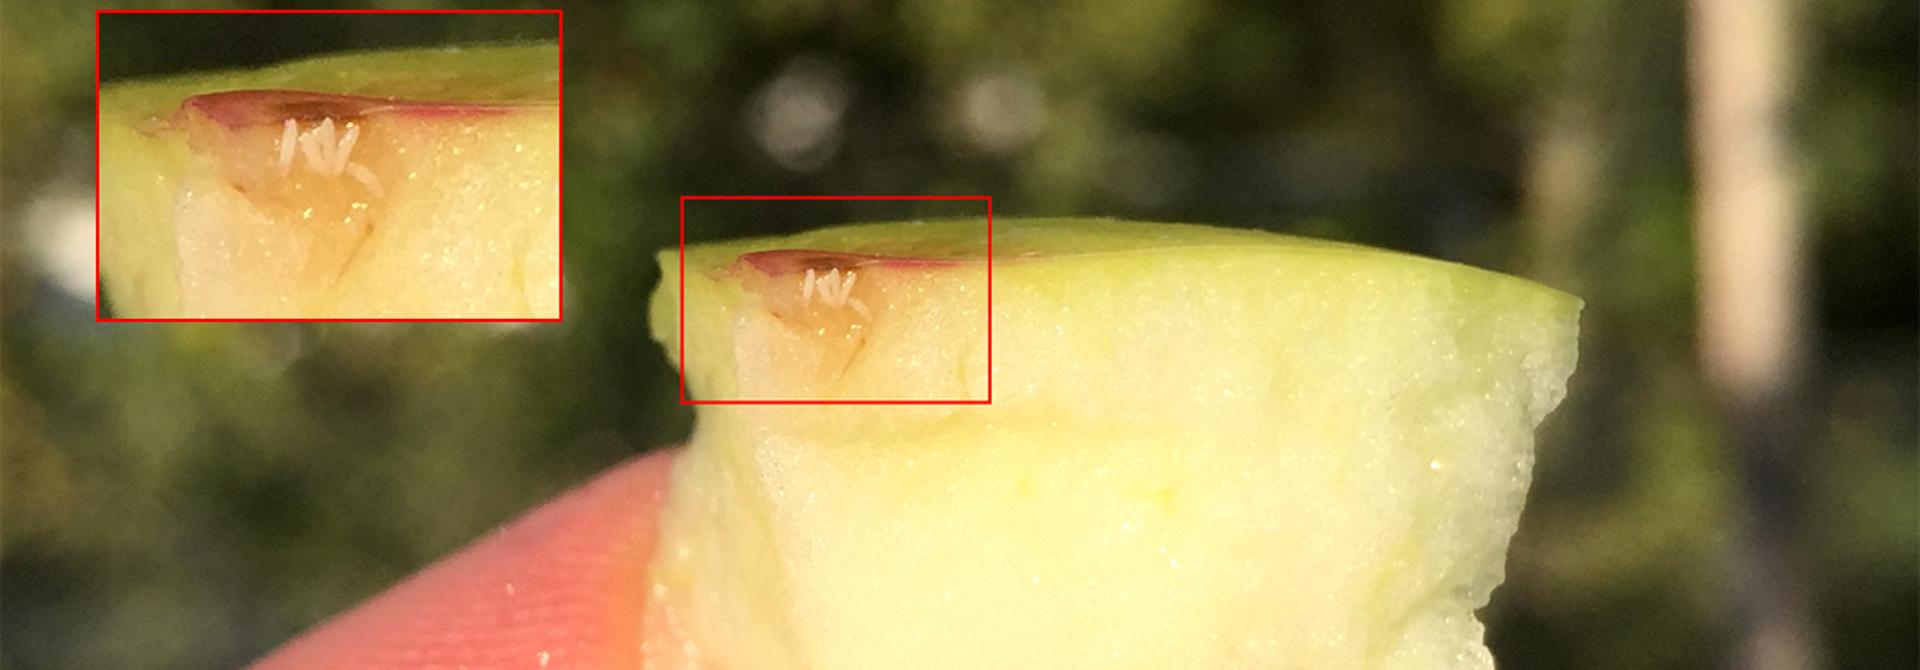 Das Weibchen der Mittelmeerfruchtfliege kann mit einem Legeapparat bis zu 10 Eier in unbeschu00e4digte Fru00fcchte ablegen.>